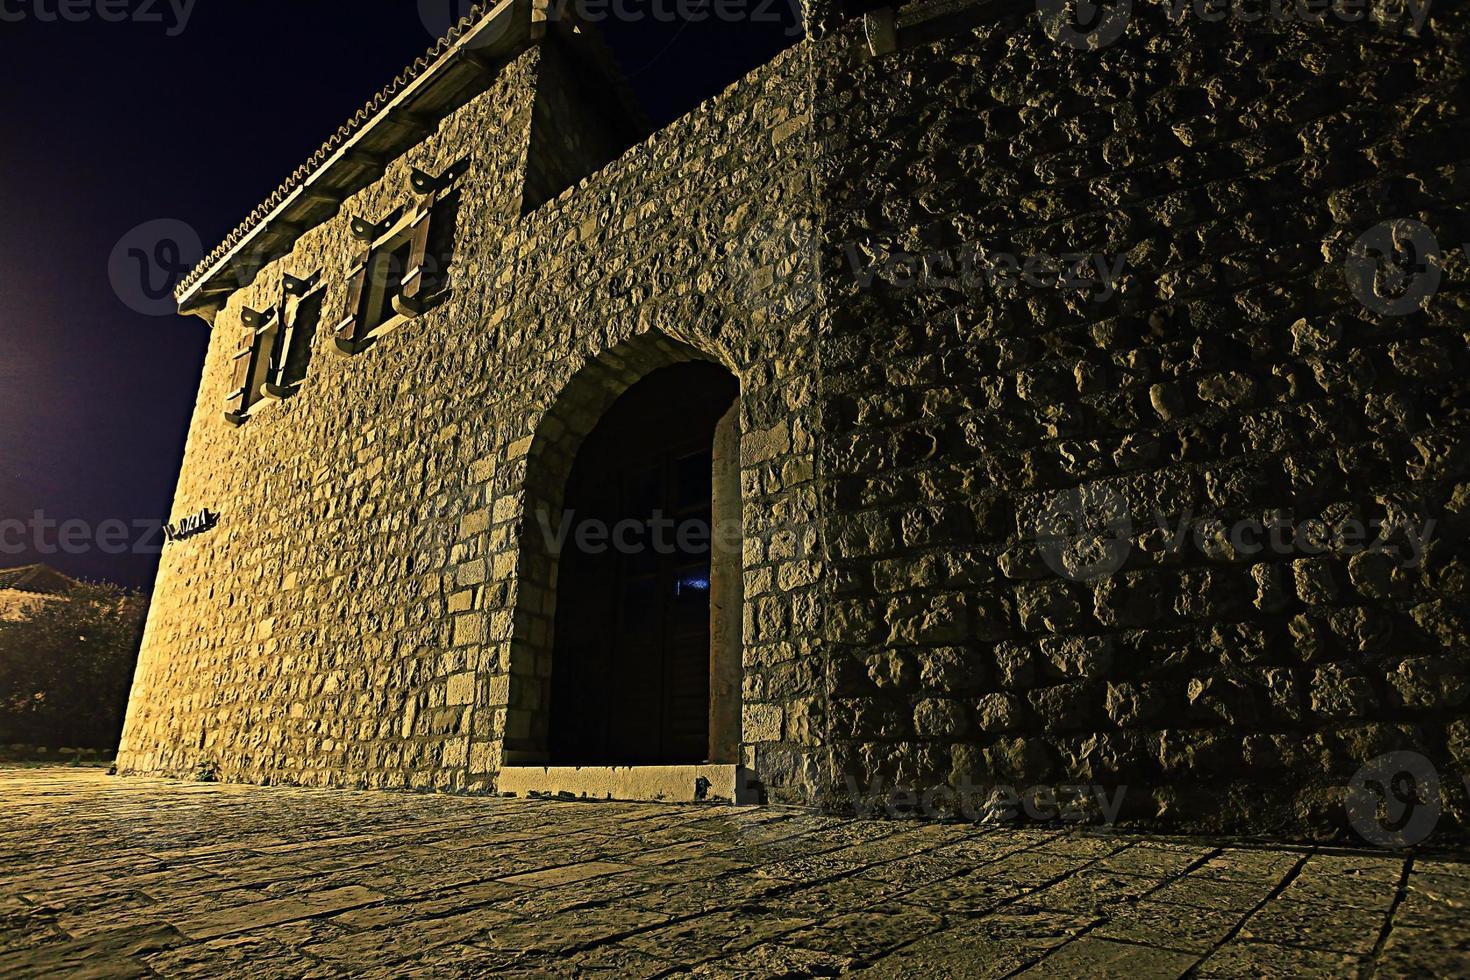 rue de nuit dans la forteresse en pierre de la vieille ville photo